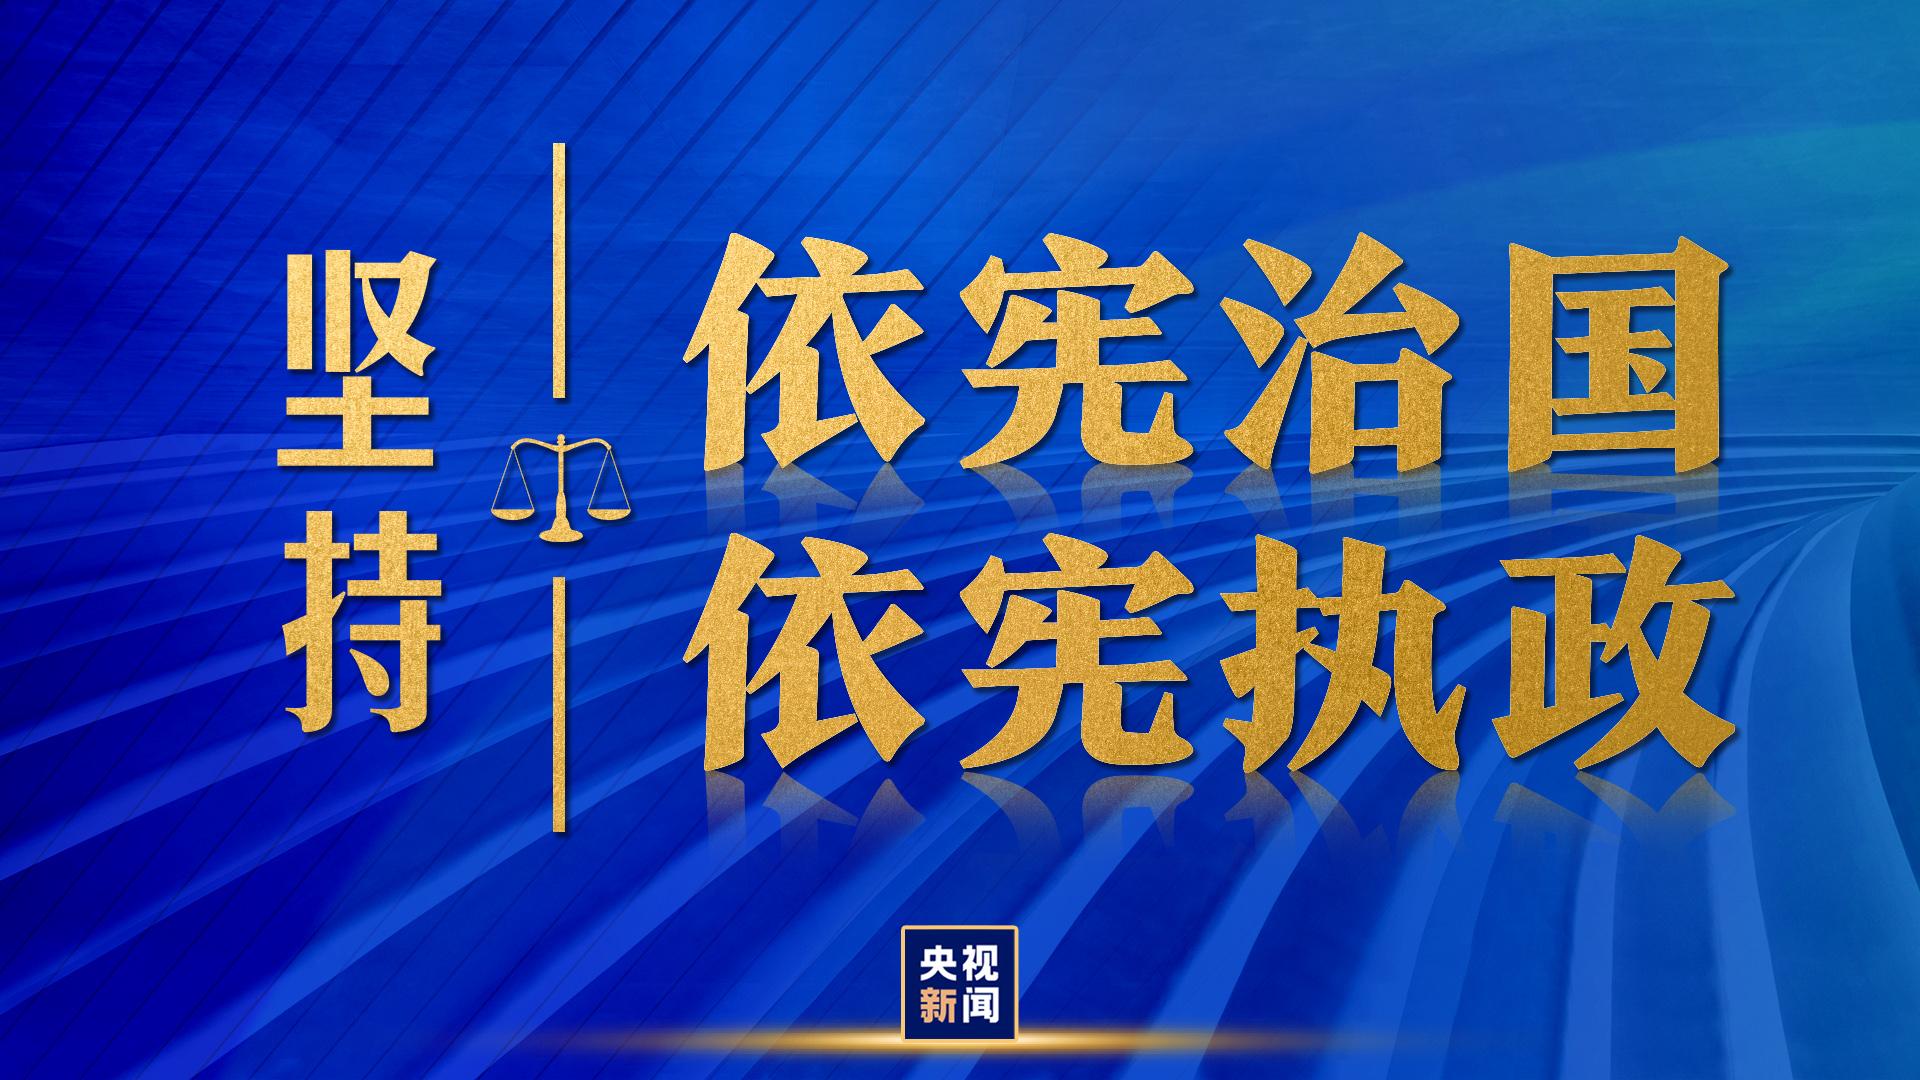 依宪治国、依宪执政,习近平法治思想领航中国